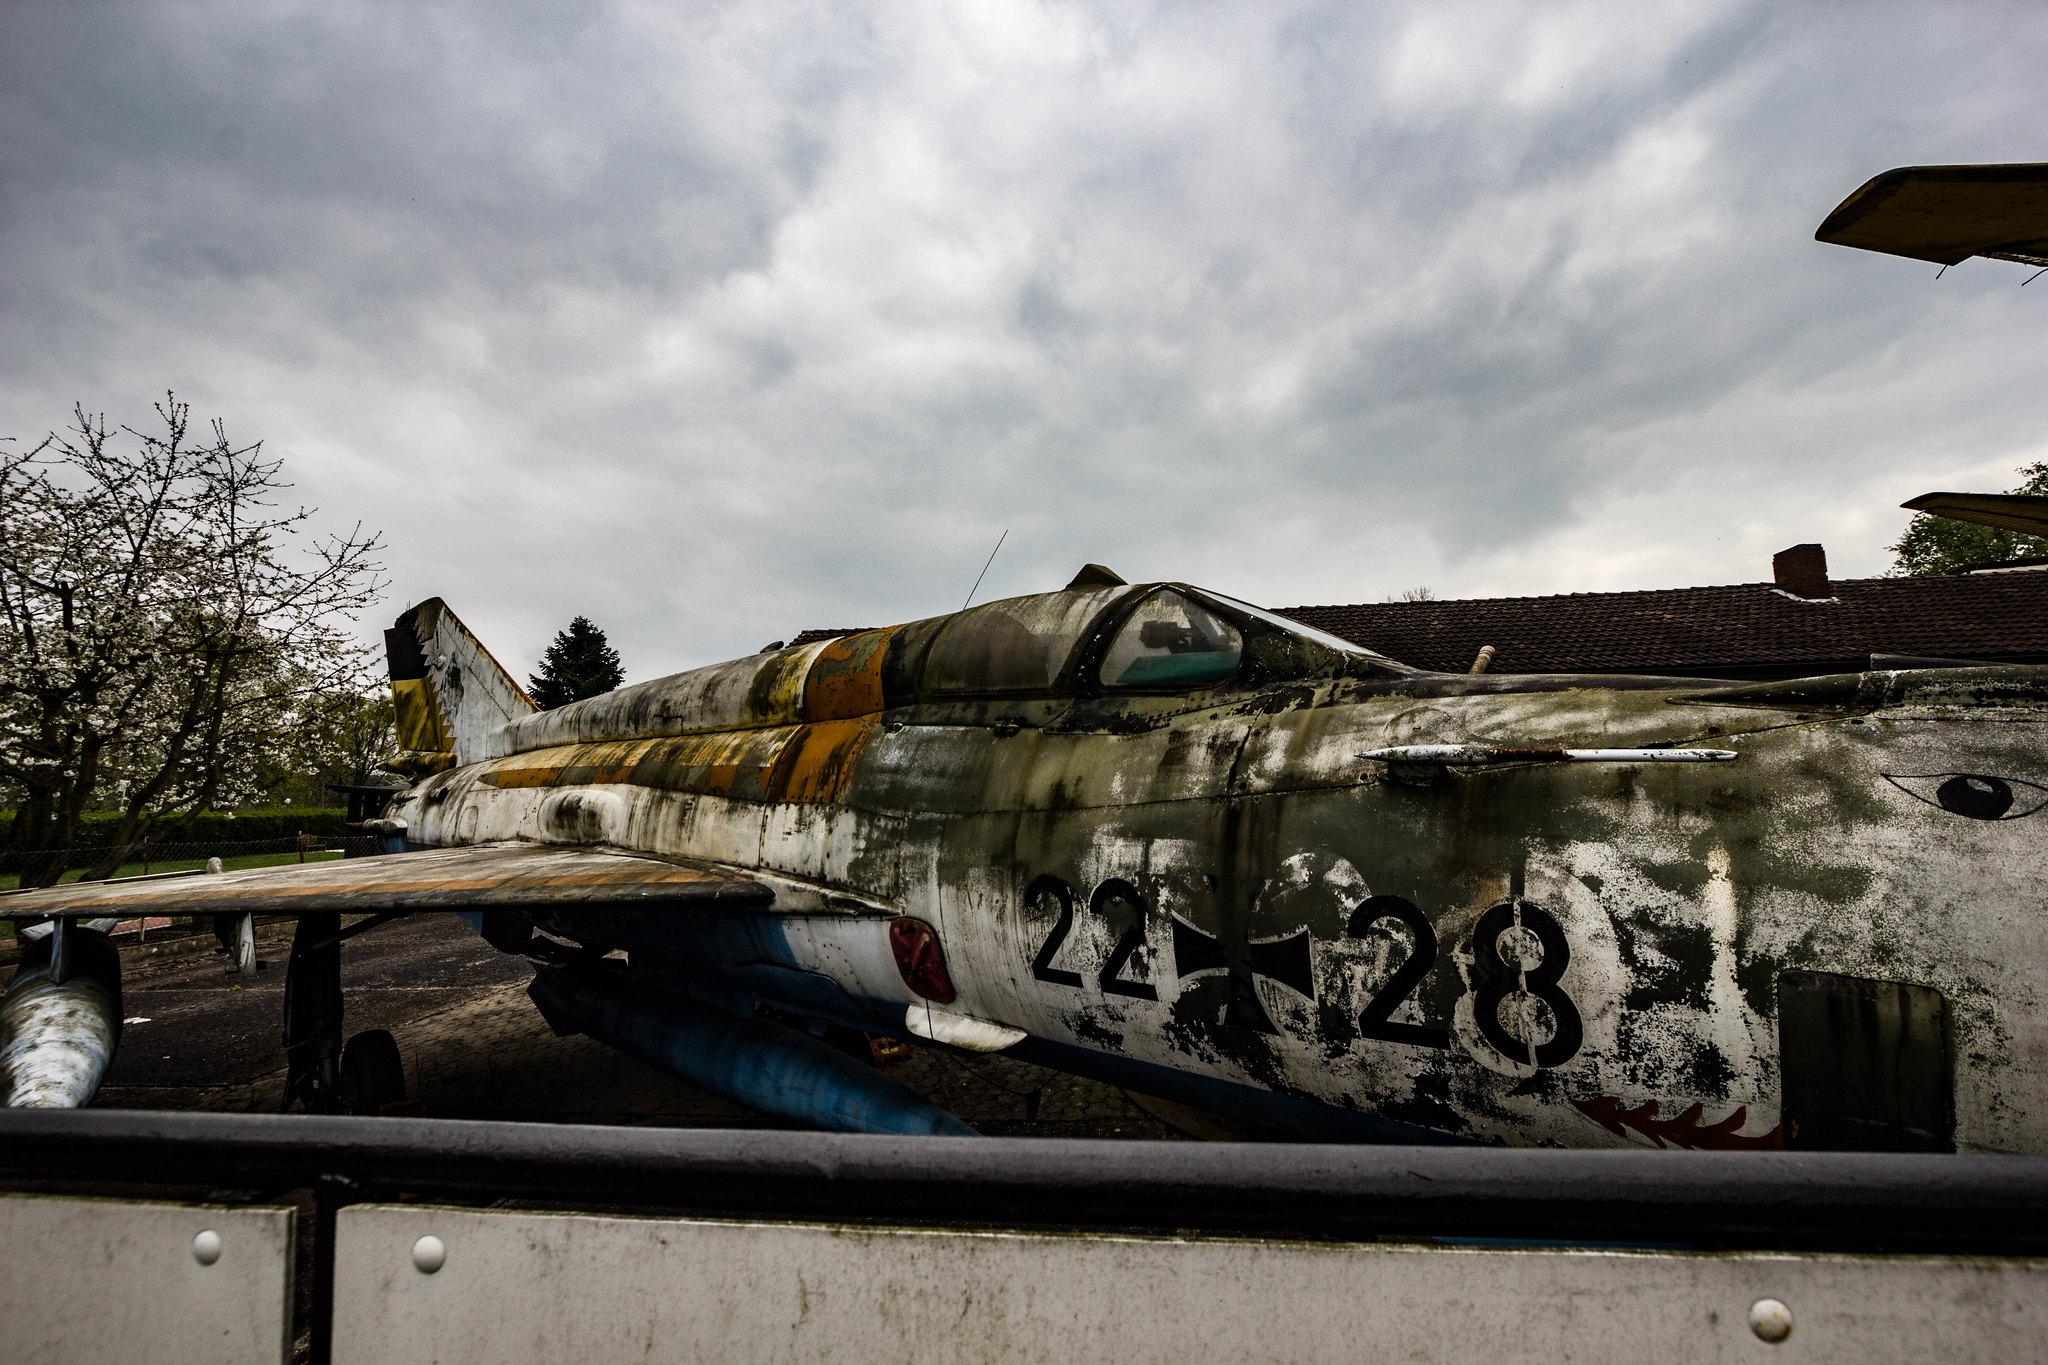 Der Jagdbomber